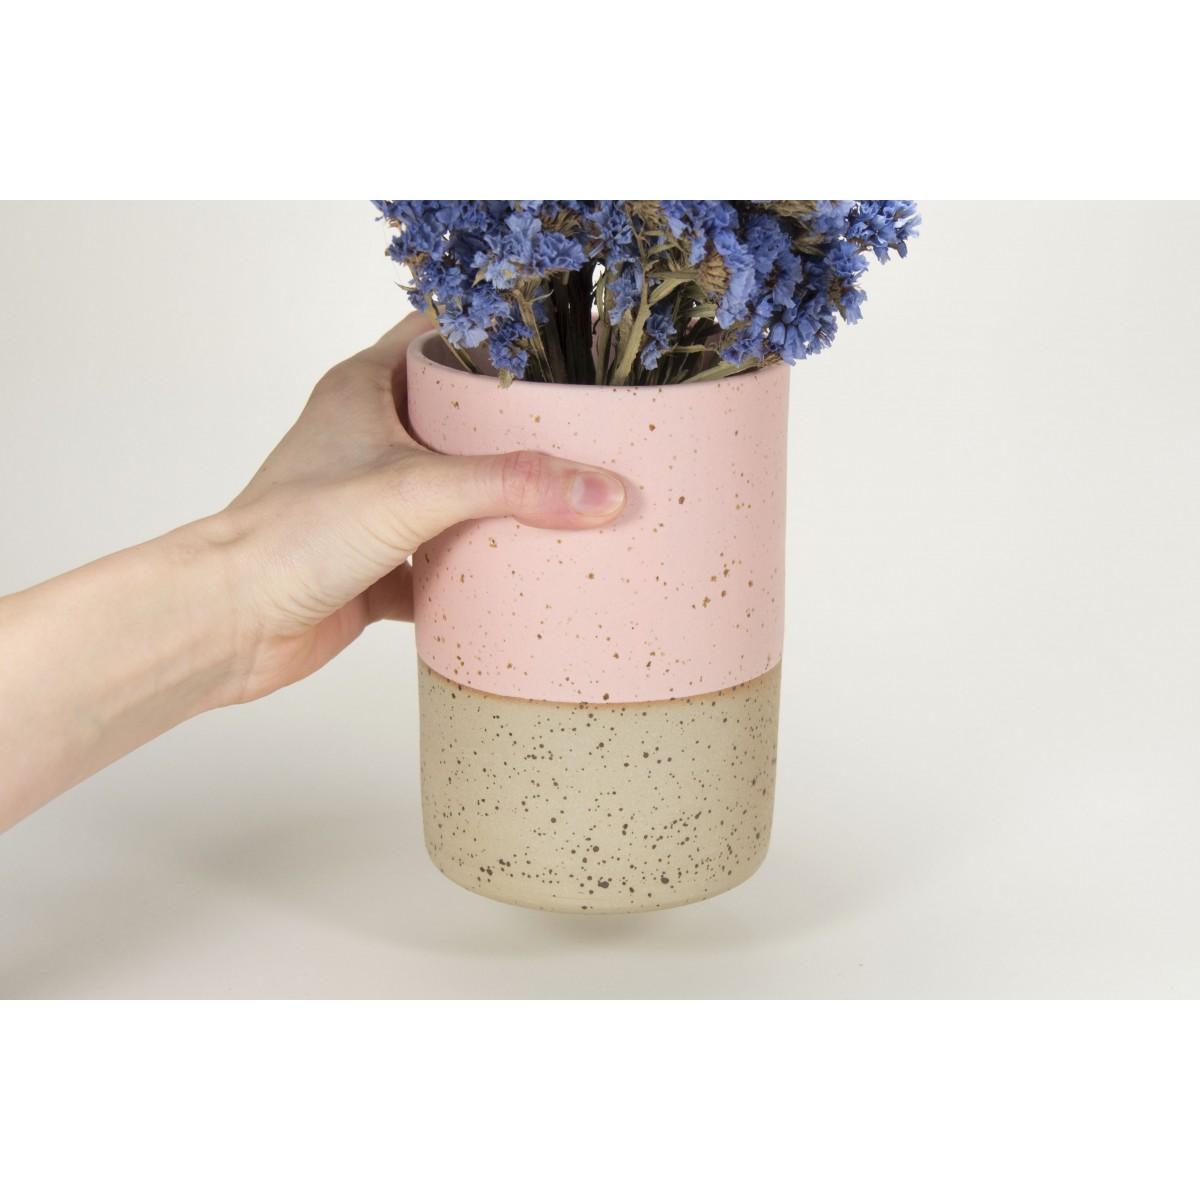 MIN - handgemachte Keramik Vase rosa - Anita Riesch